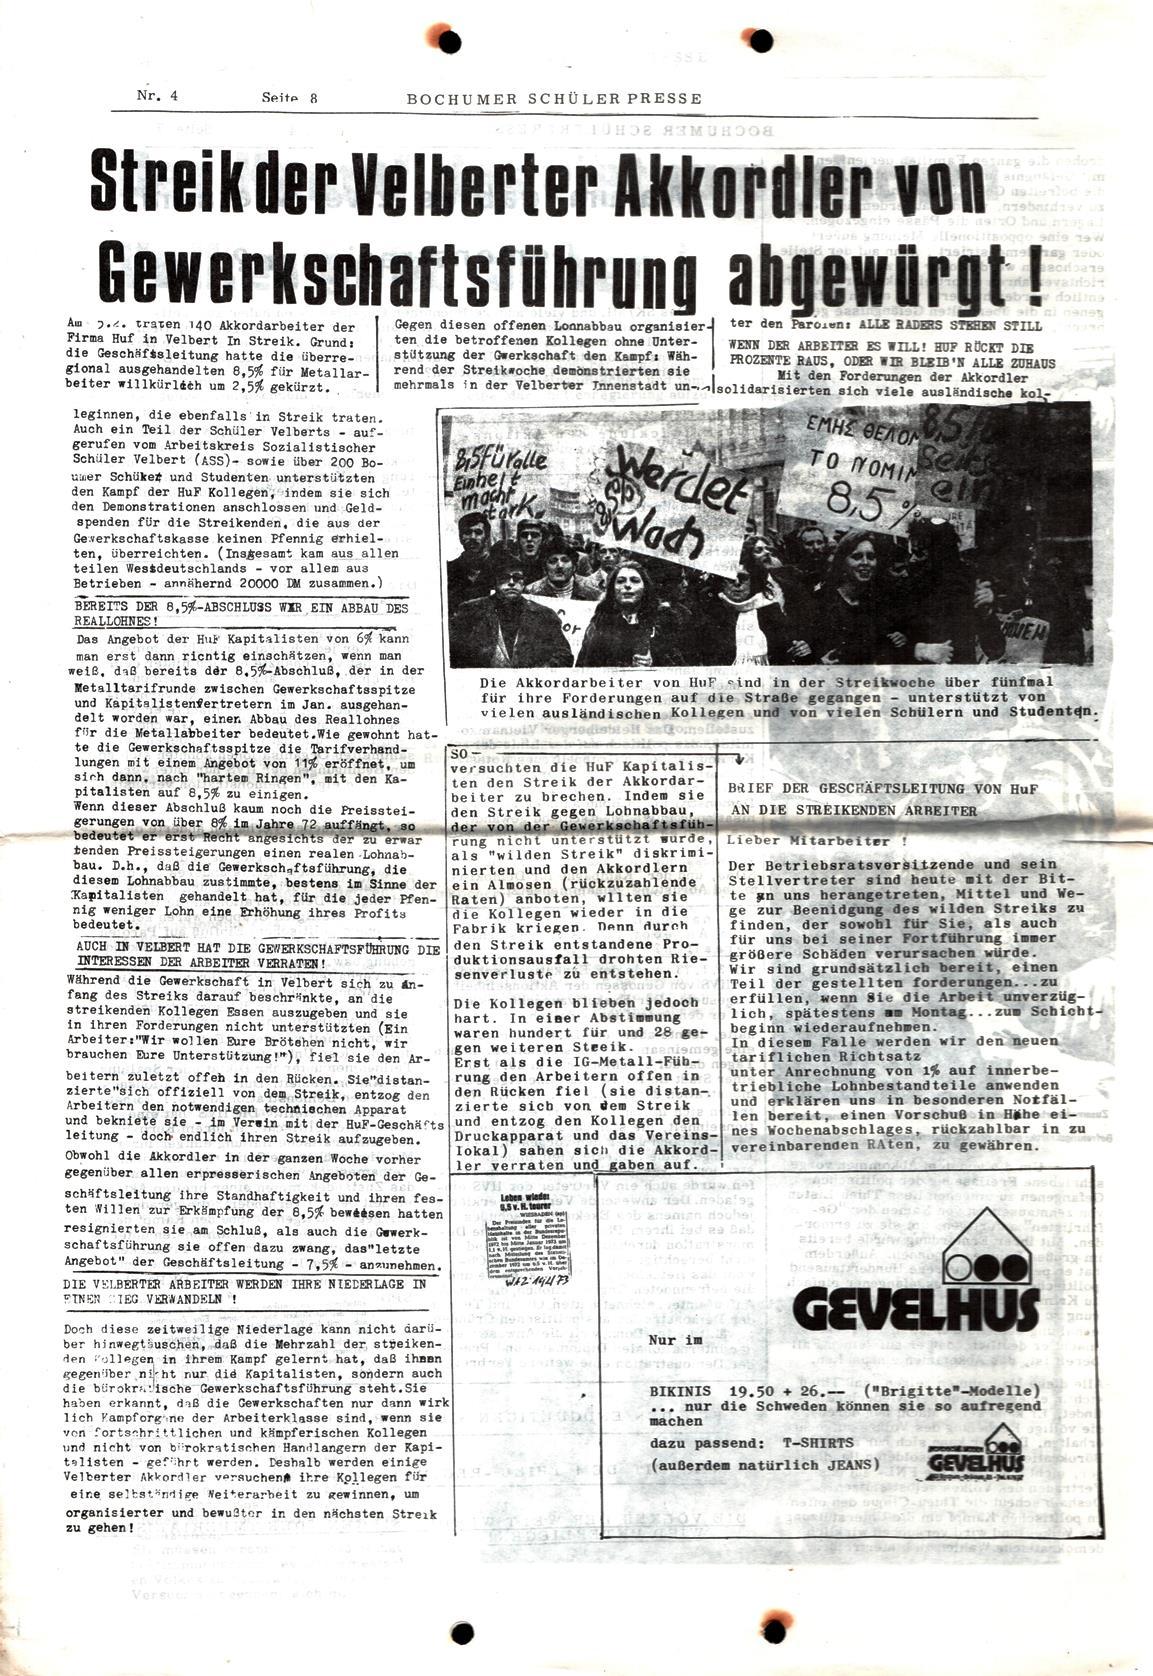 Bochumer_Schuelerpresse_19730200_008